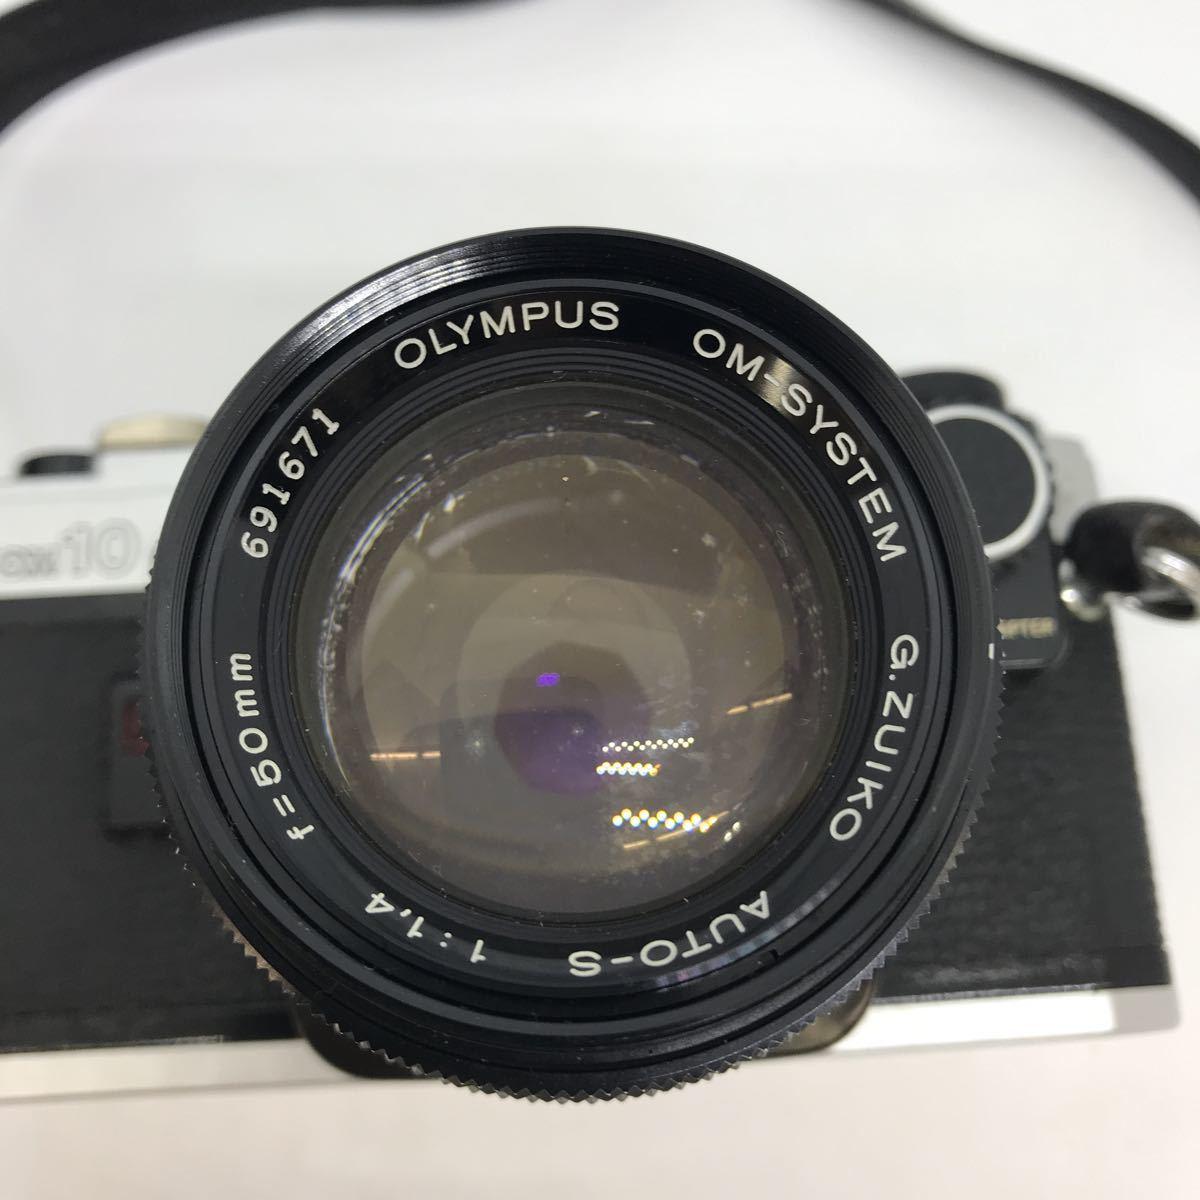 OLYMPUS オリンパス OM10 G.ZUIKO 1:1.4 50mm 一眼レフカメラ_画像3